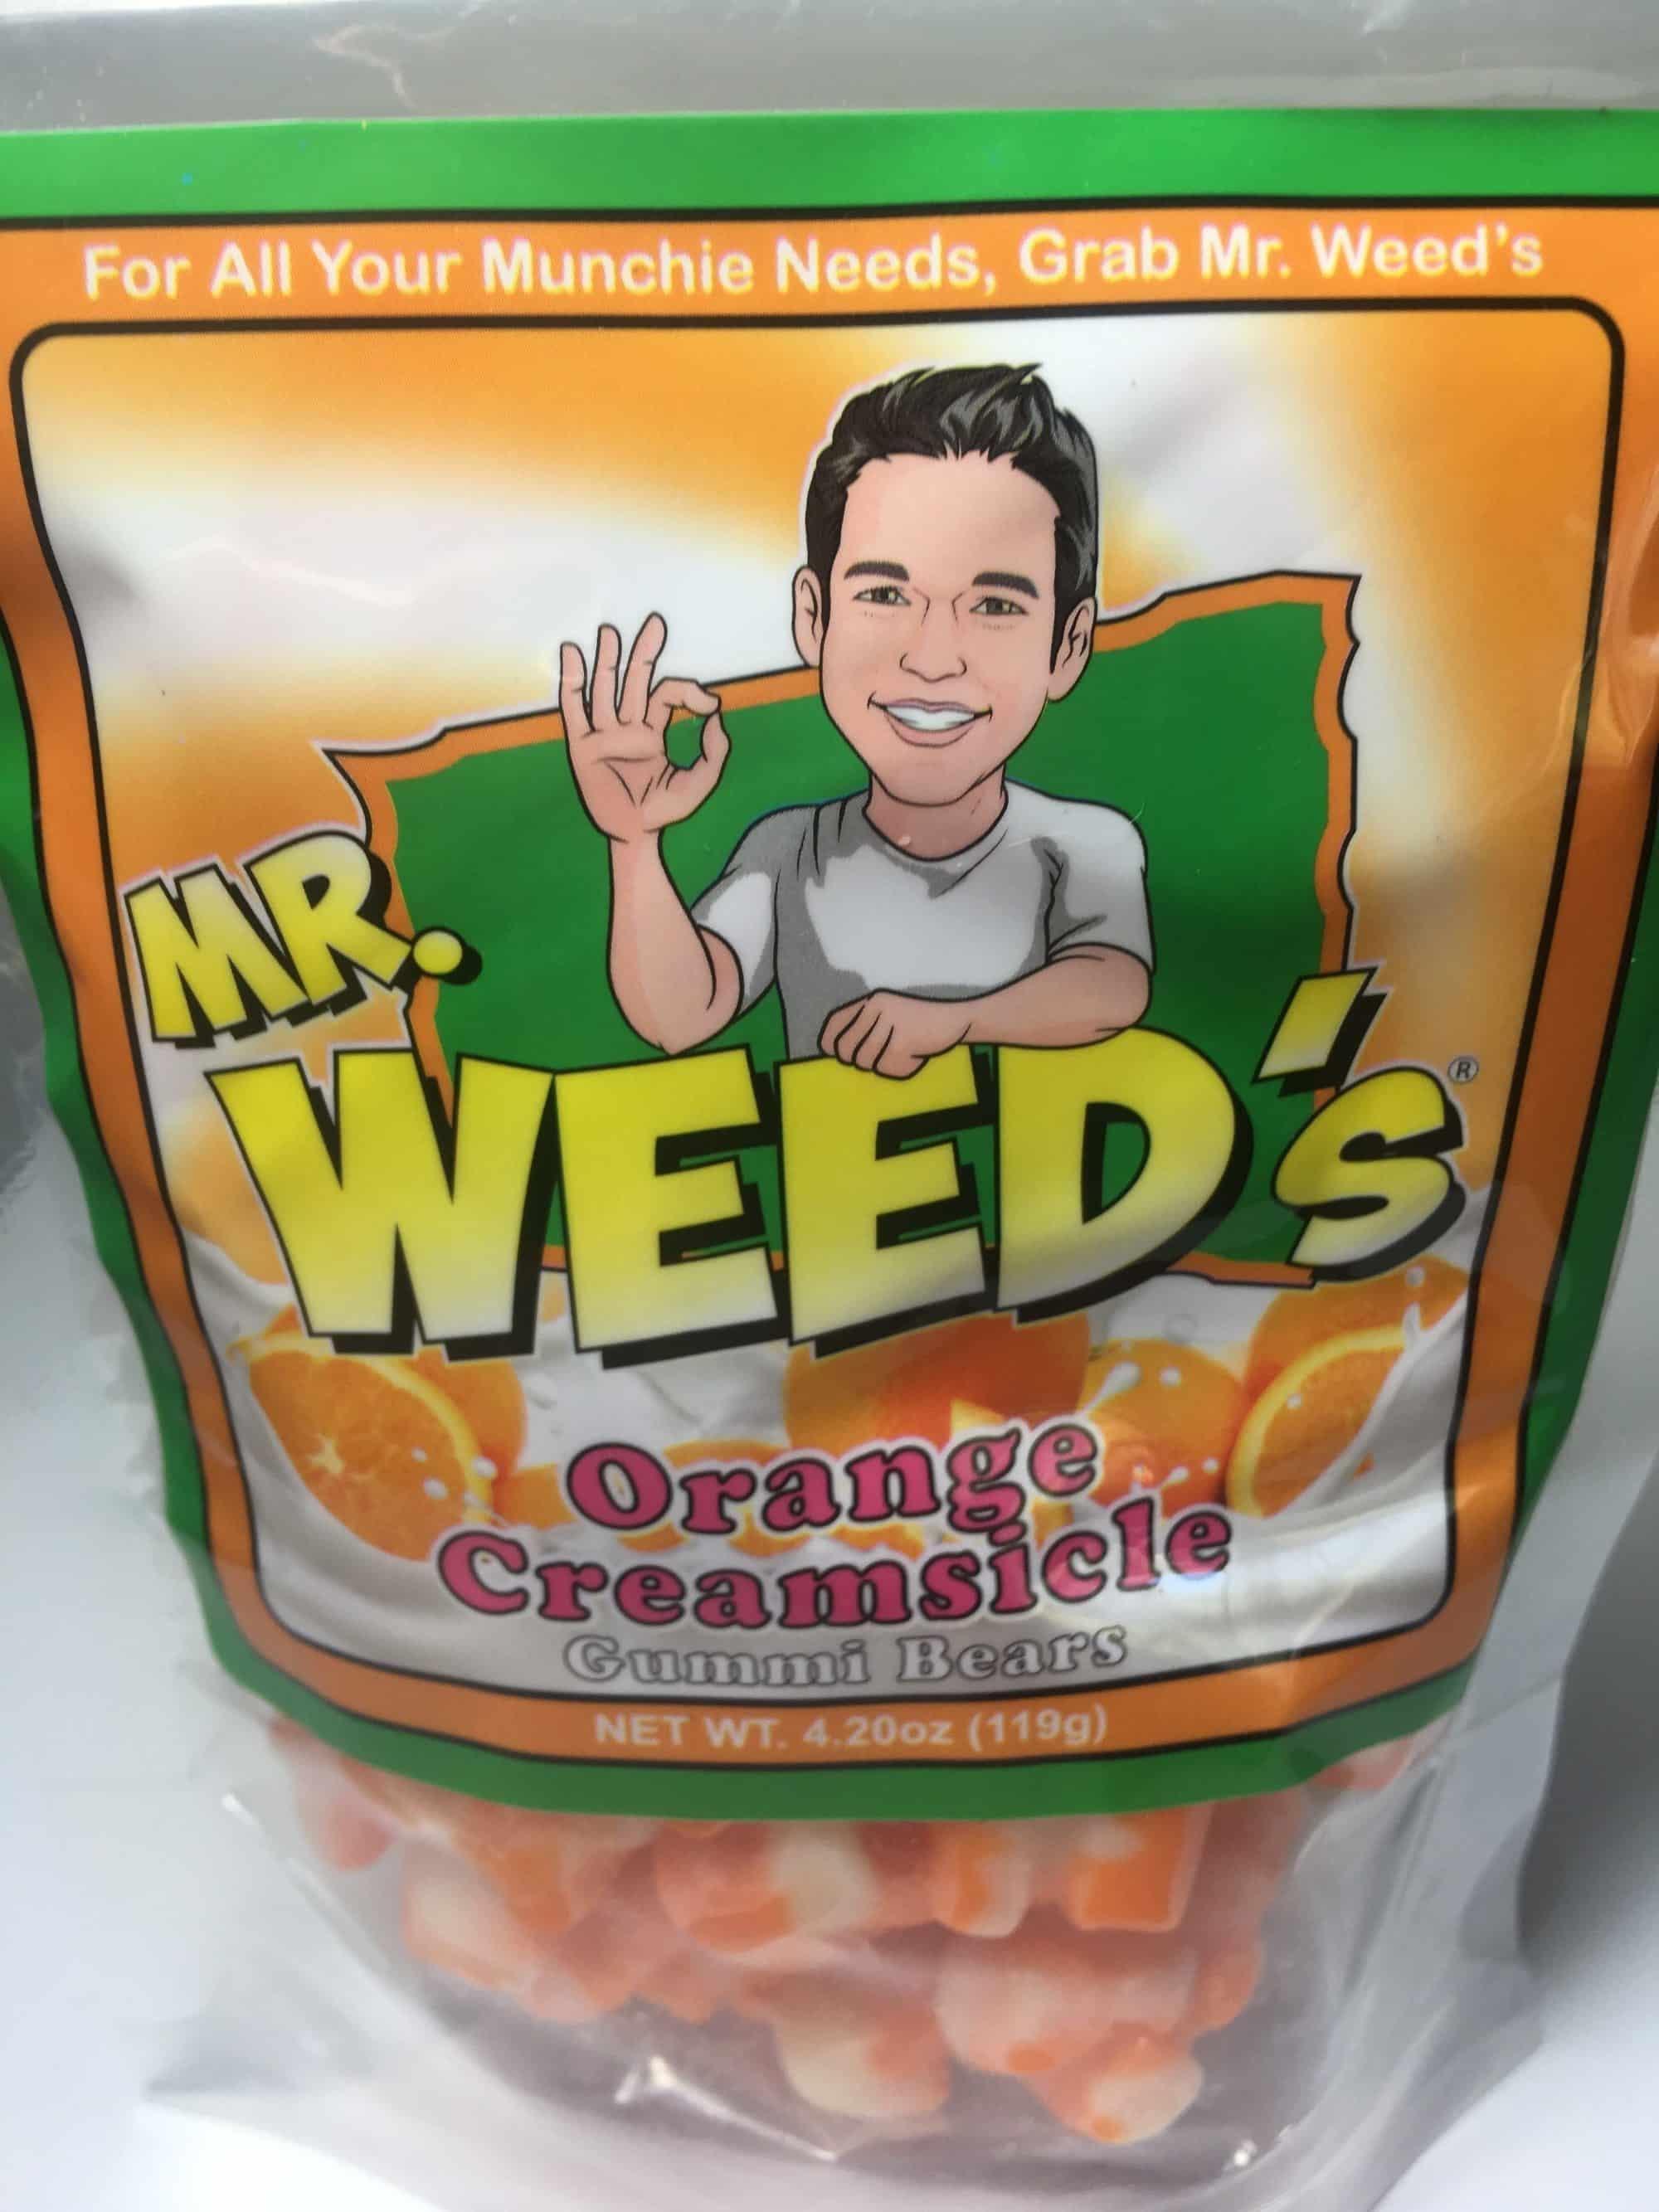 marijuana cannabis edible munchie weed